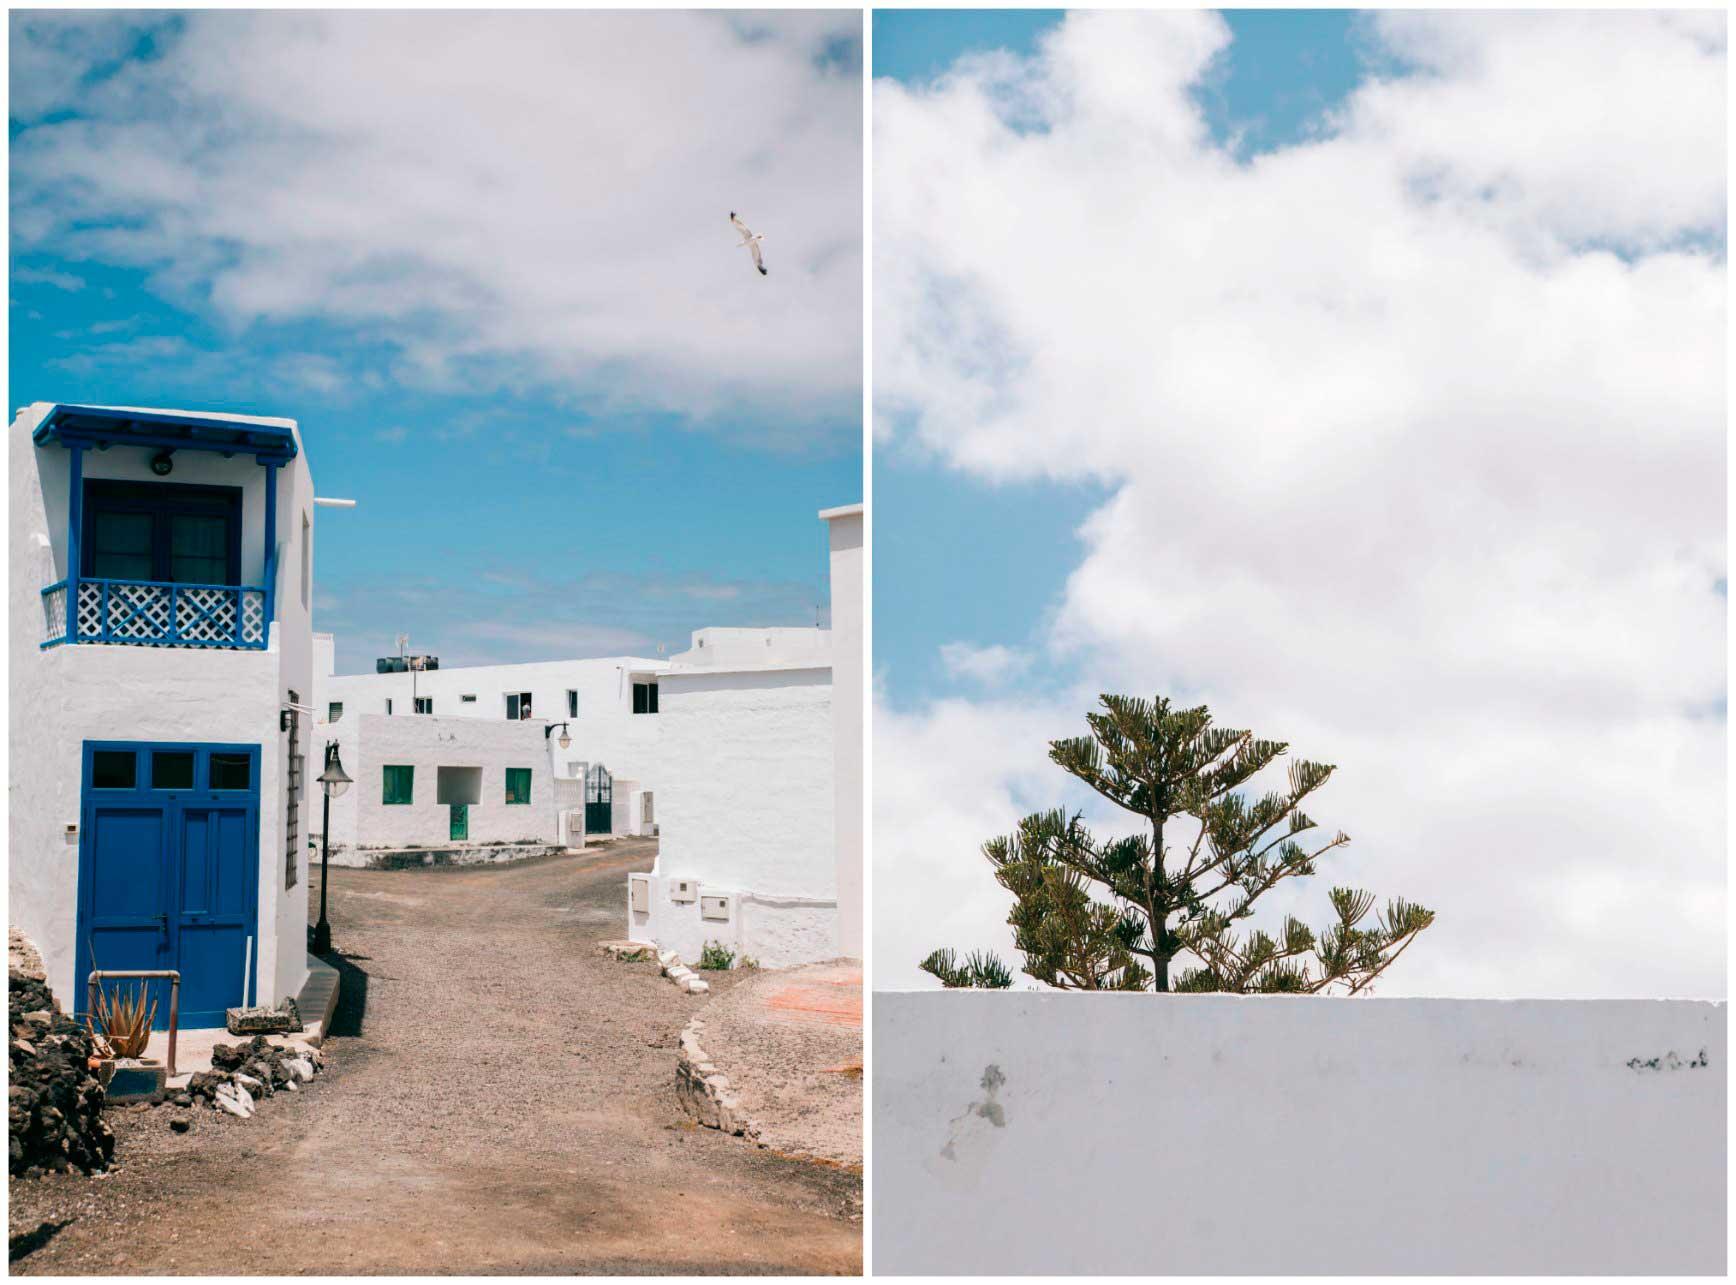 Lanzarote_claraBmartin_02